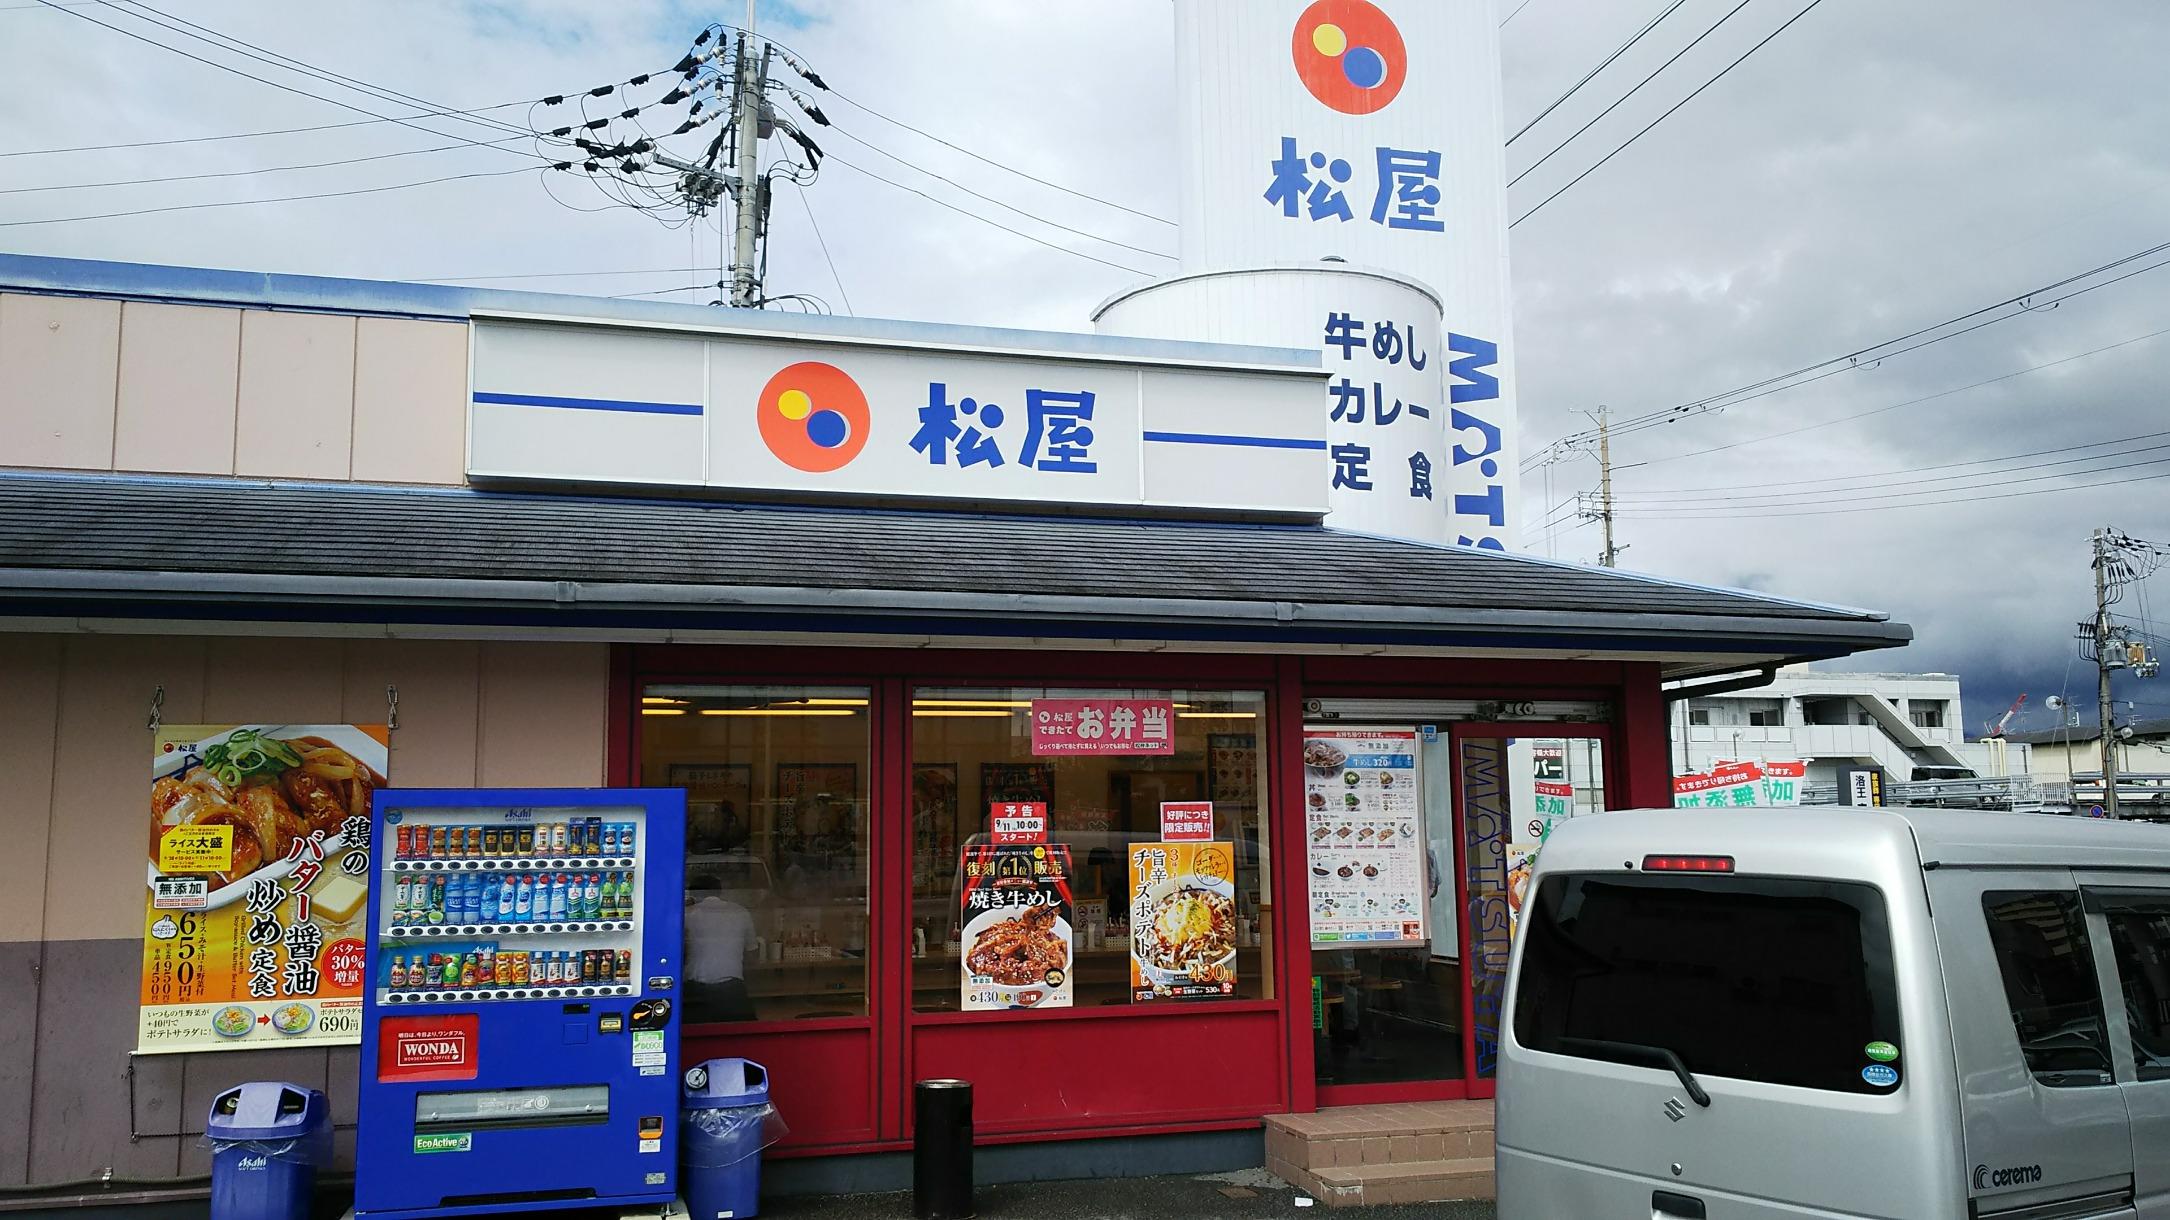 松屋 吉祥院店(京都府南区/牛丼屋)